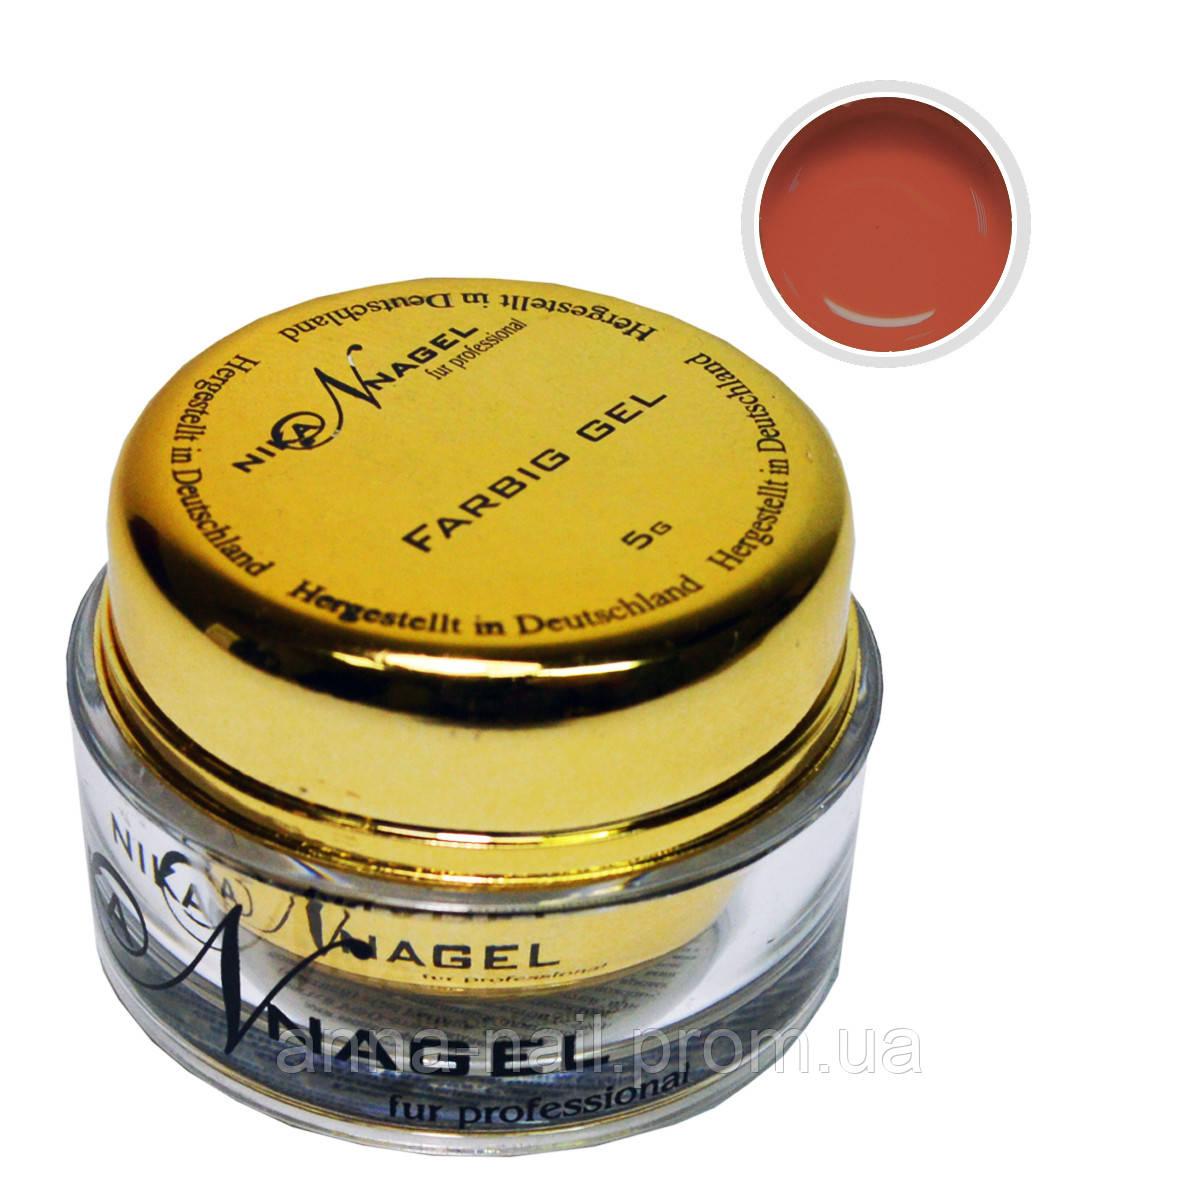 Гель для китайской росписи NIKA NAGEL Молочный шоколад K4 коричневый, 5 г